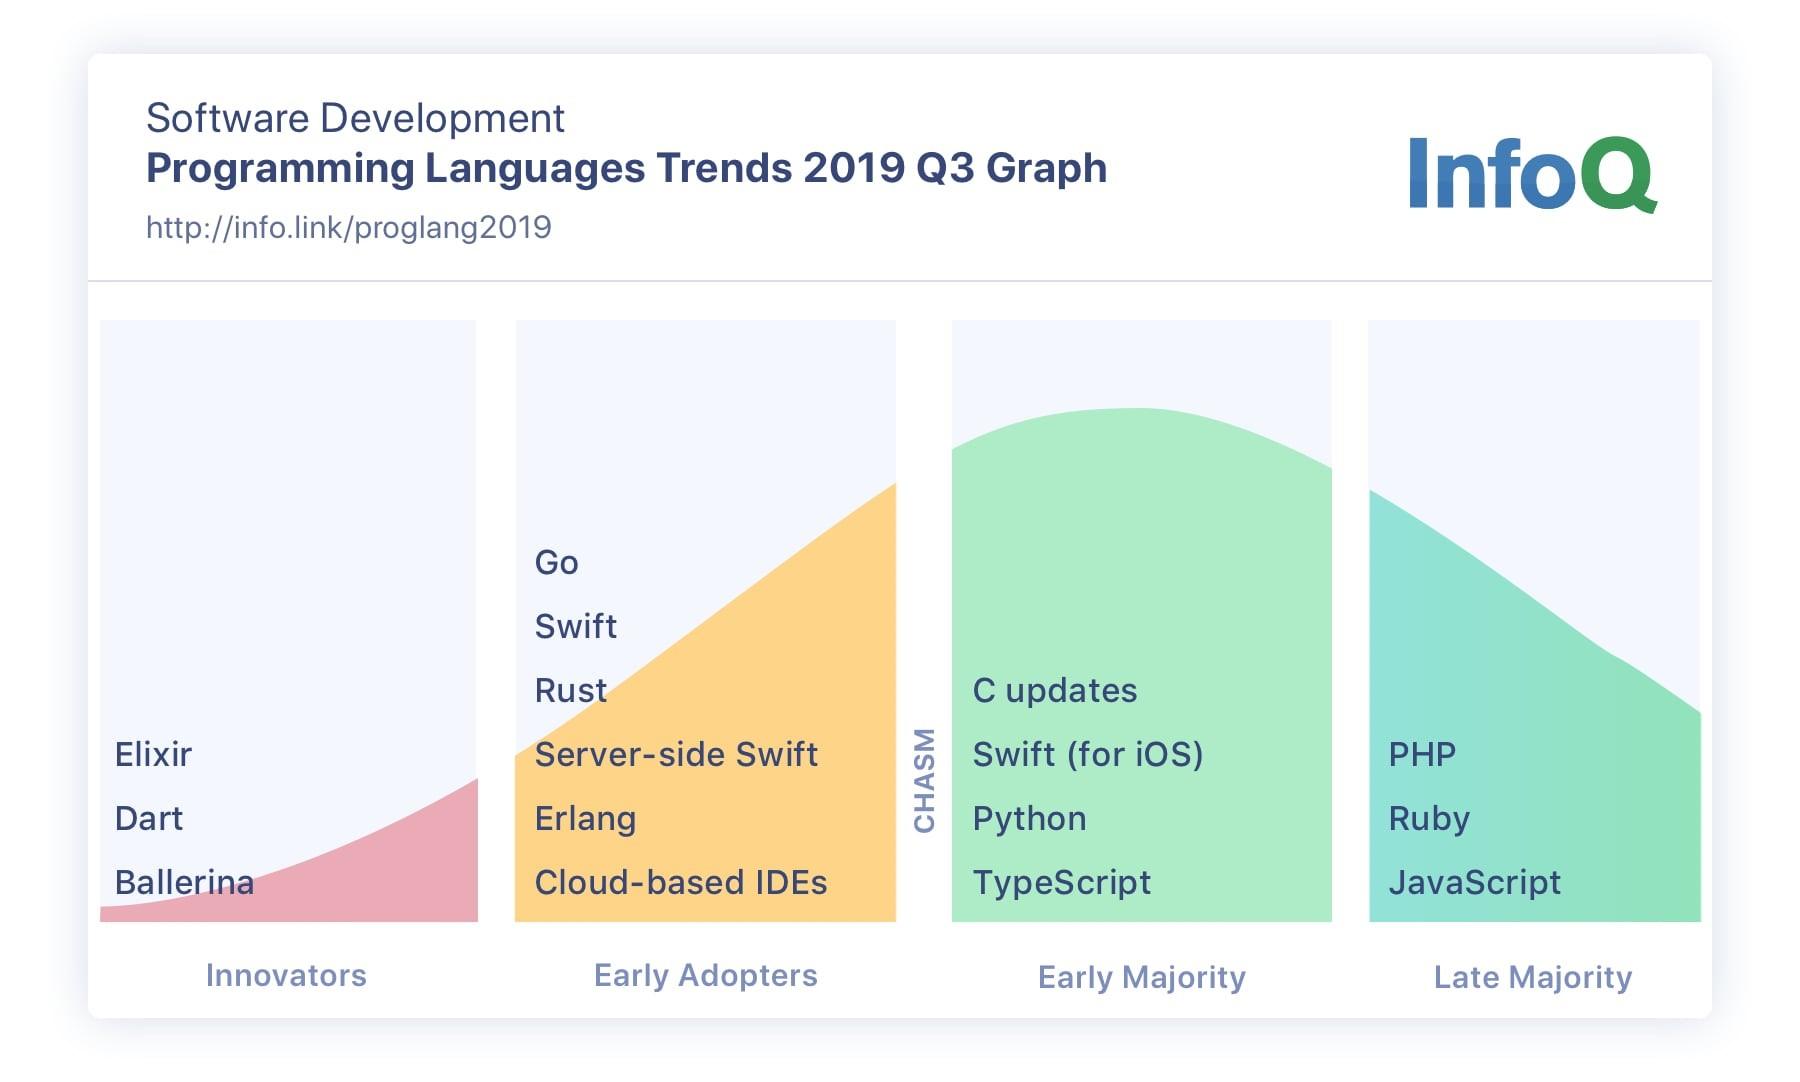 Tendências de linguagens de programação em 2019